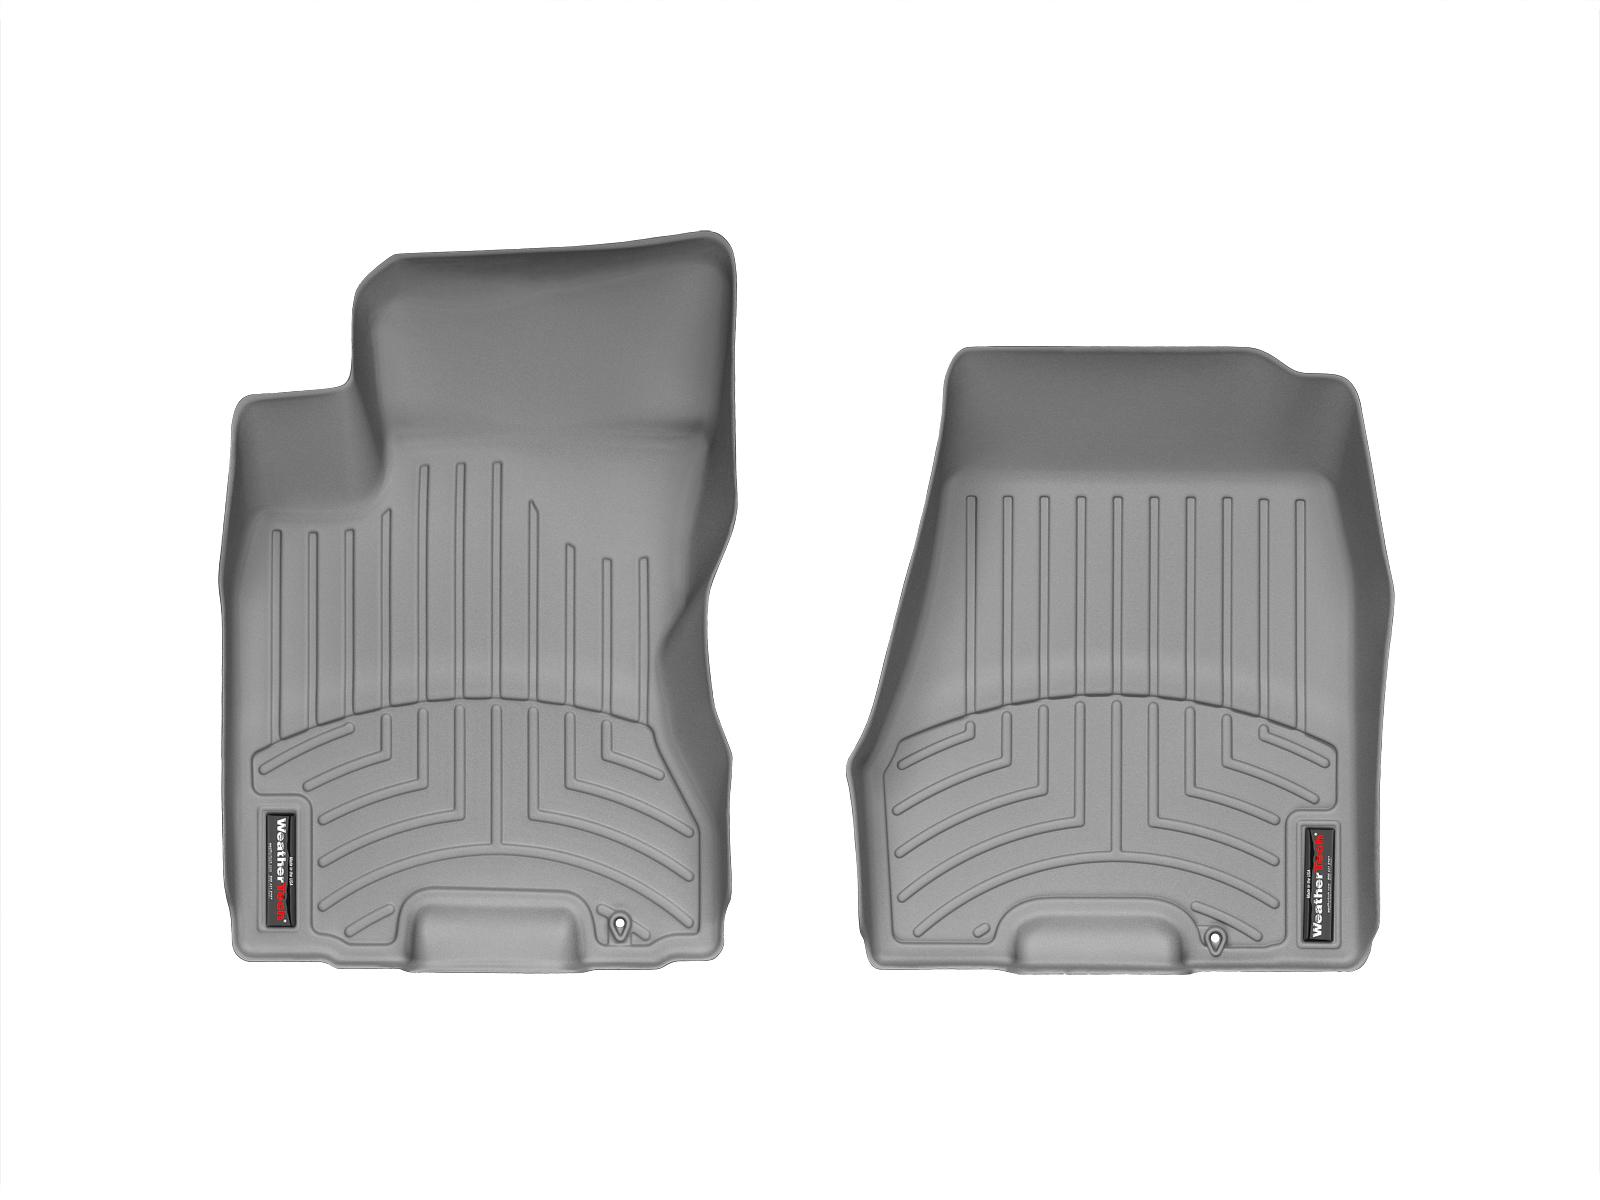 Tappeti gomma su misura bordo alto Nissan X-Trail 14>14 Grigio A2931